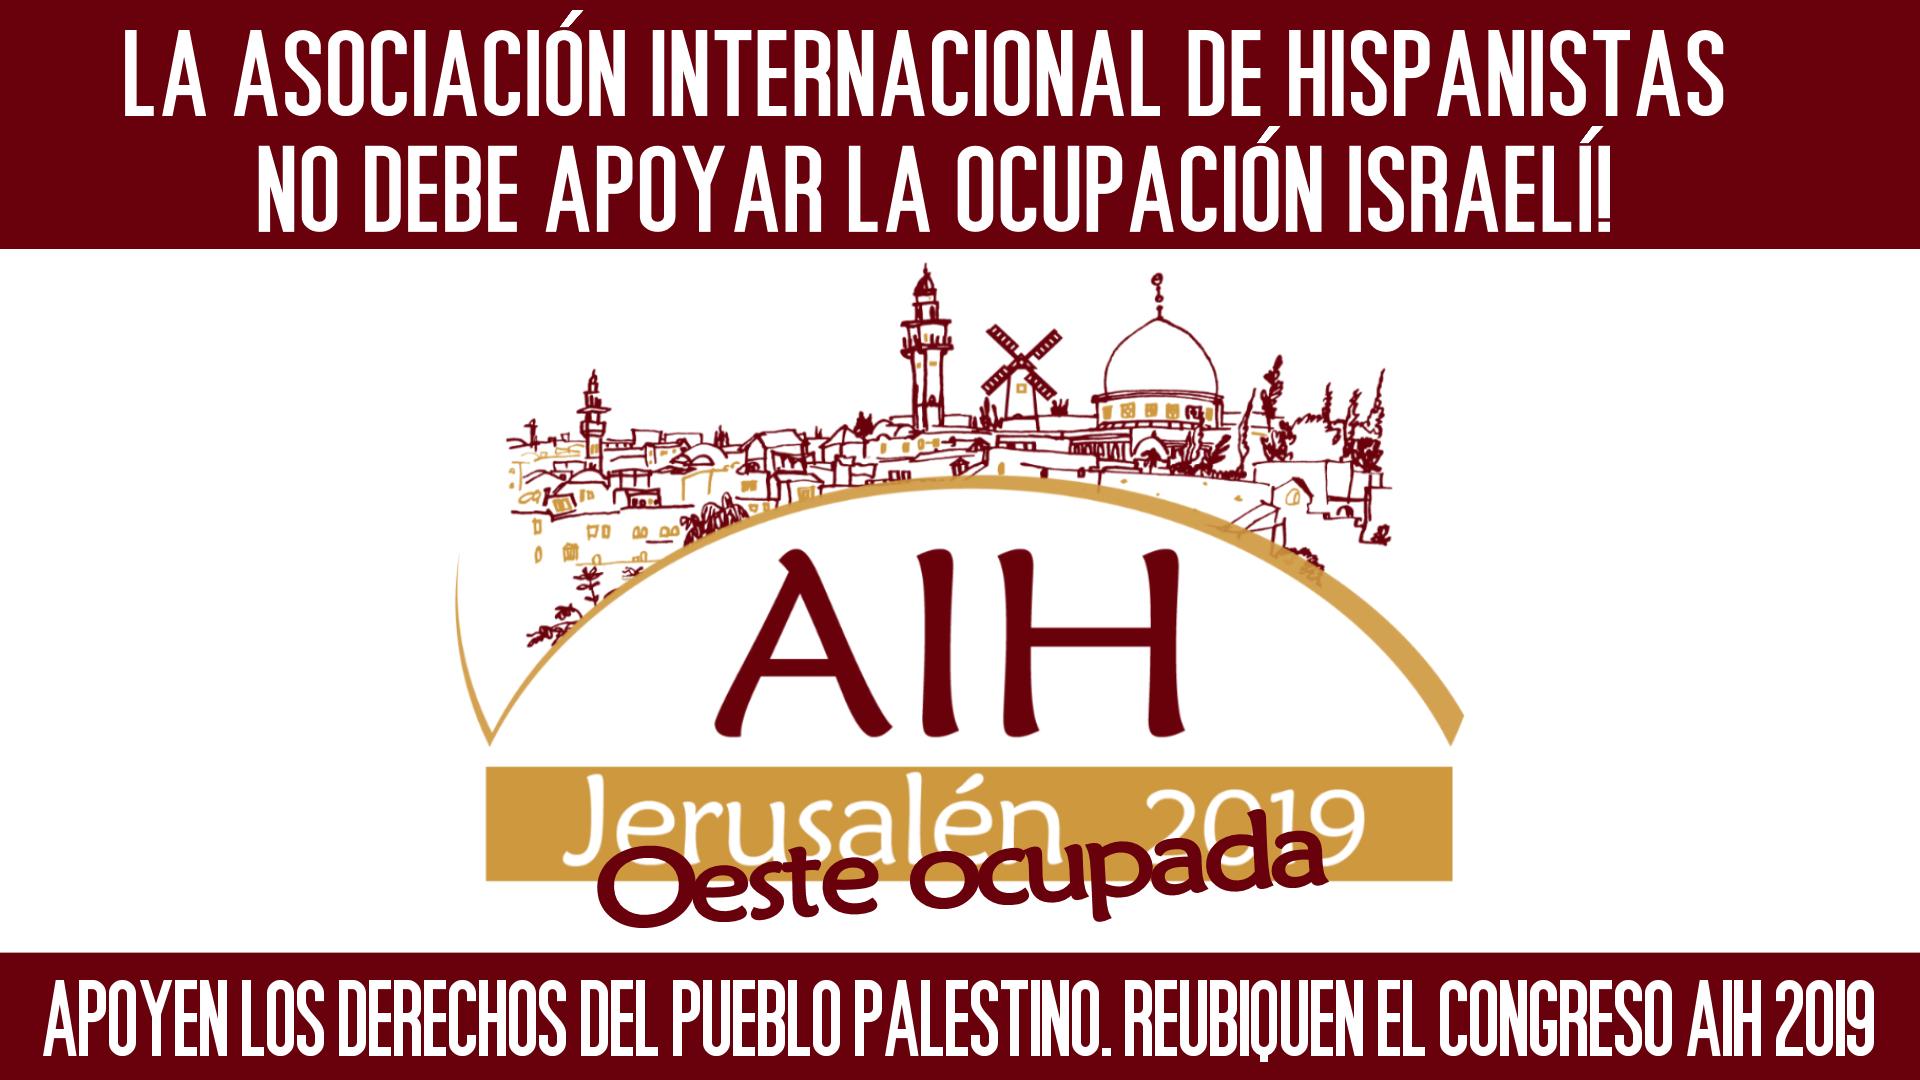 Sindicatos de profesores palestinos piden a hispanistas no celebrar su próximo congreso en la Universidad Hebrea